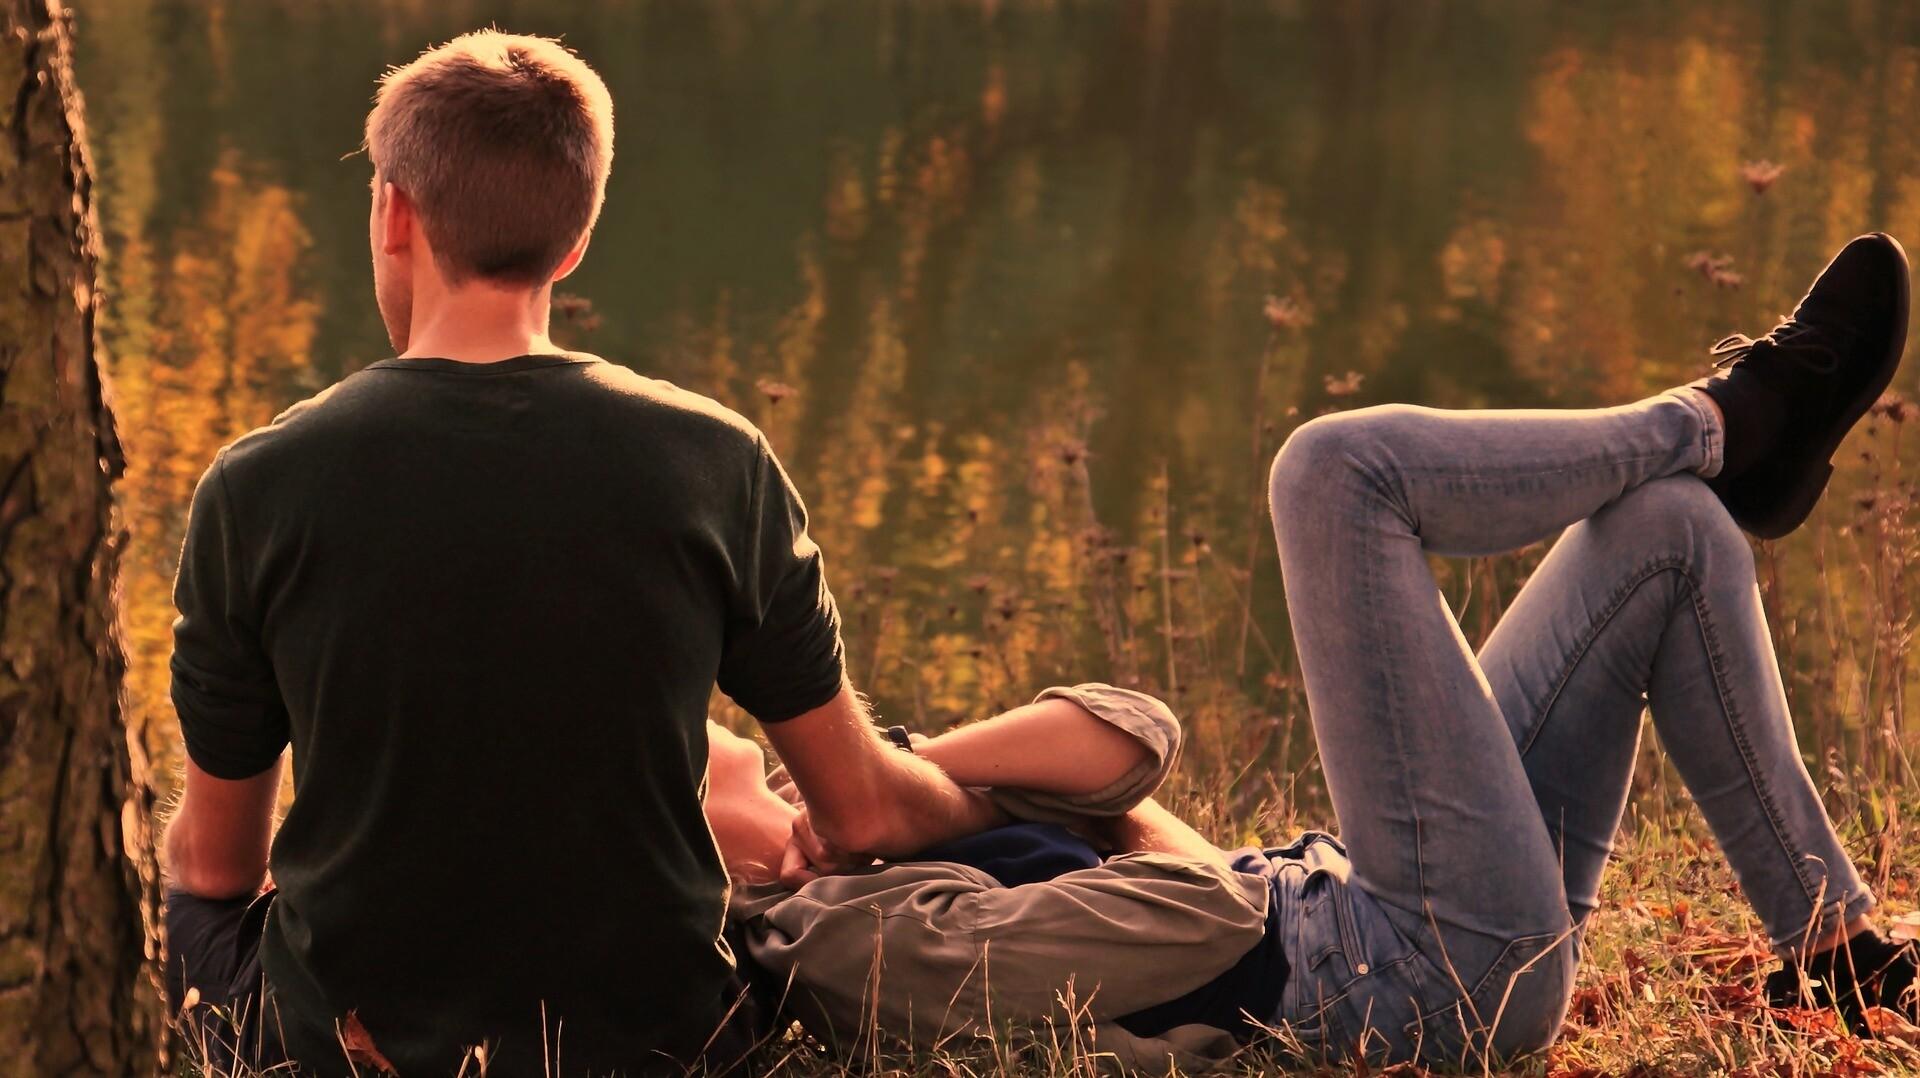 13 видов сексуальной ориентации, о которых ты могла не знать